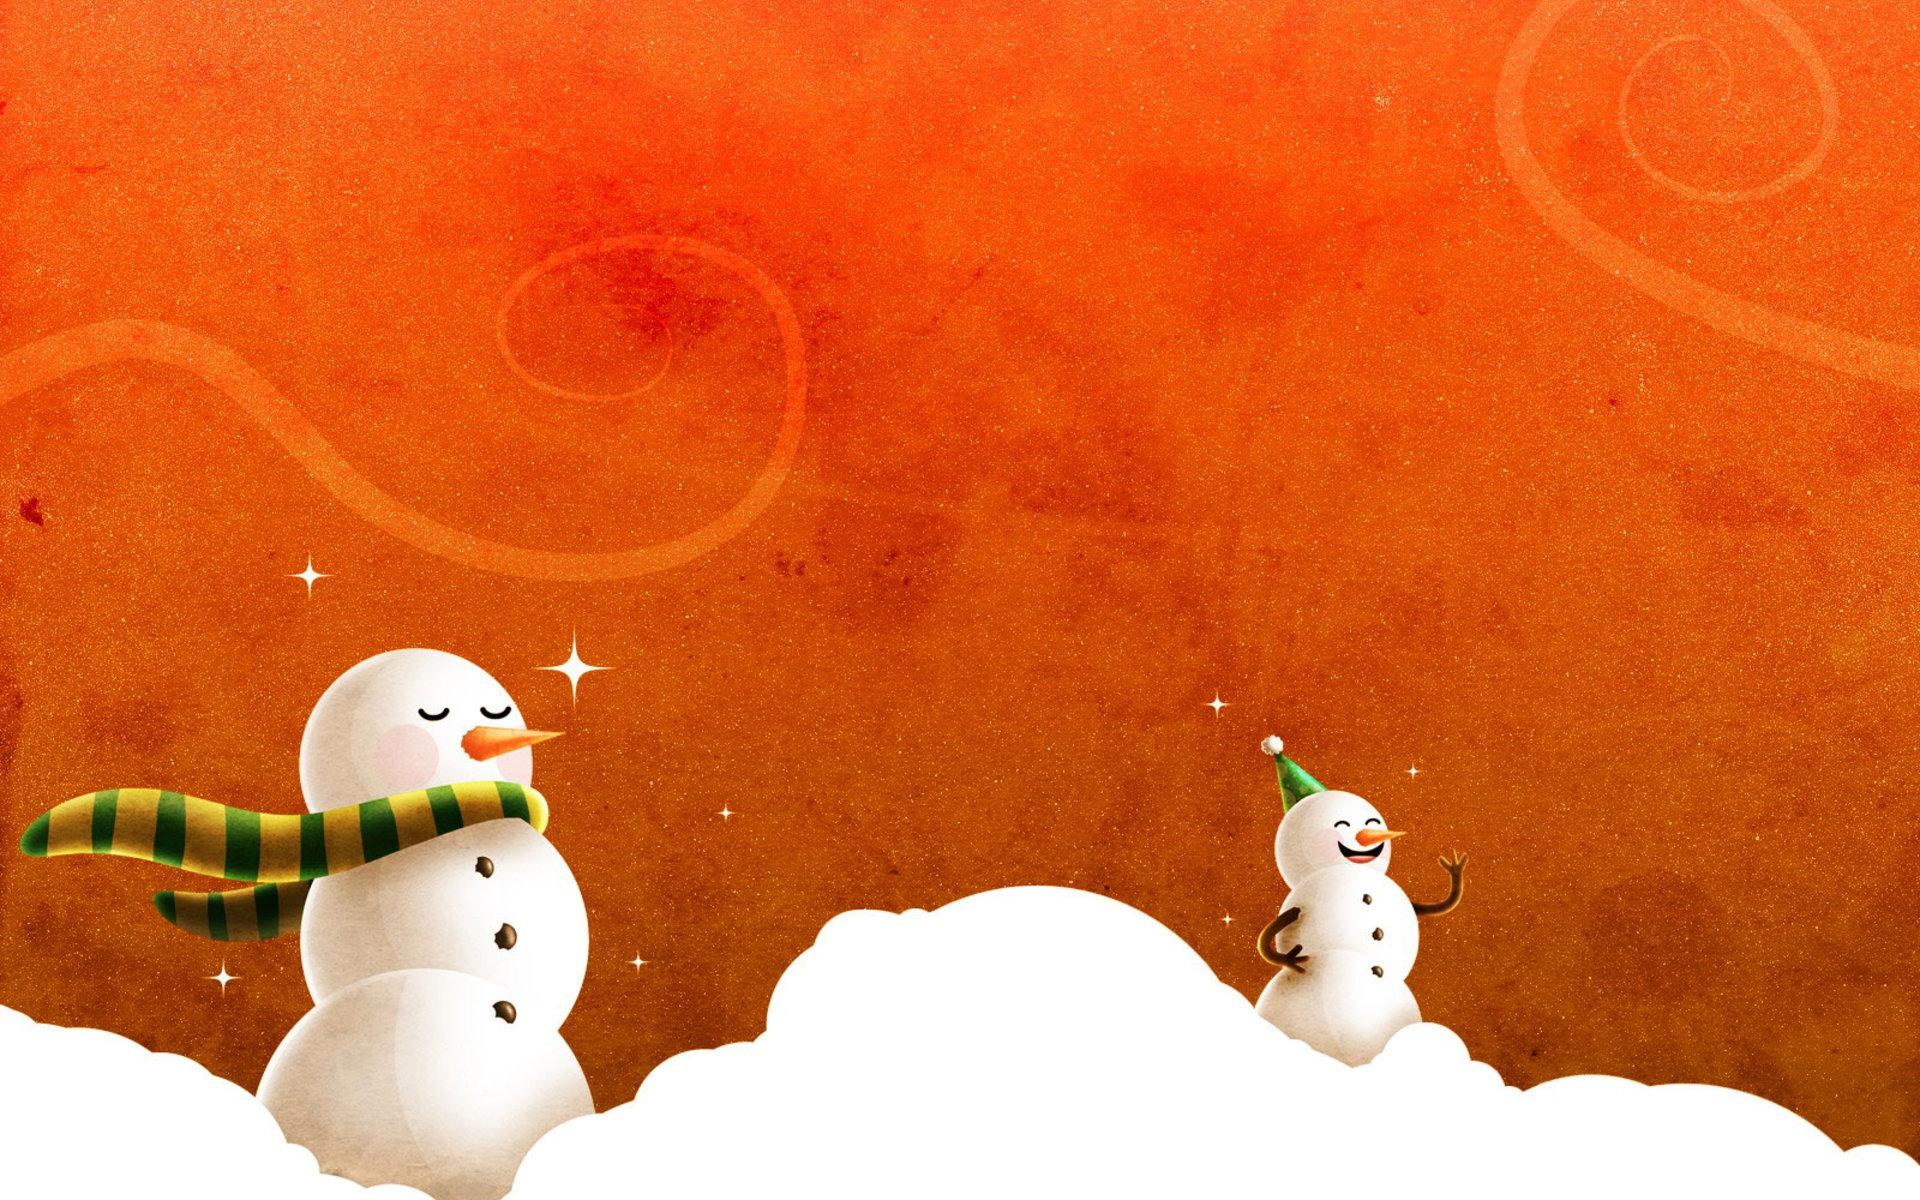 Снеговики, снег, обои для рабочего стола, зимние обои, скачать